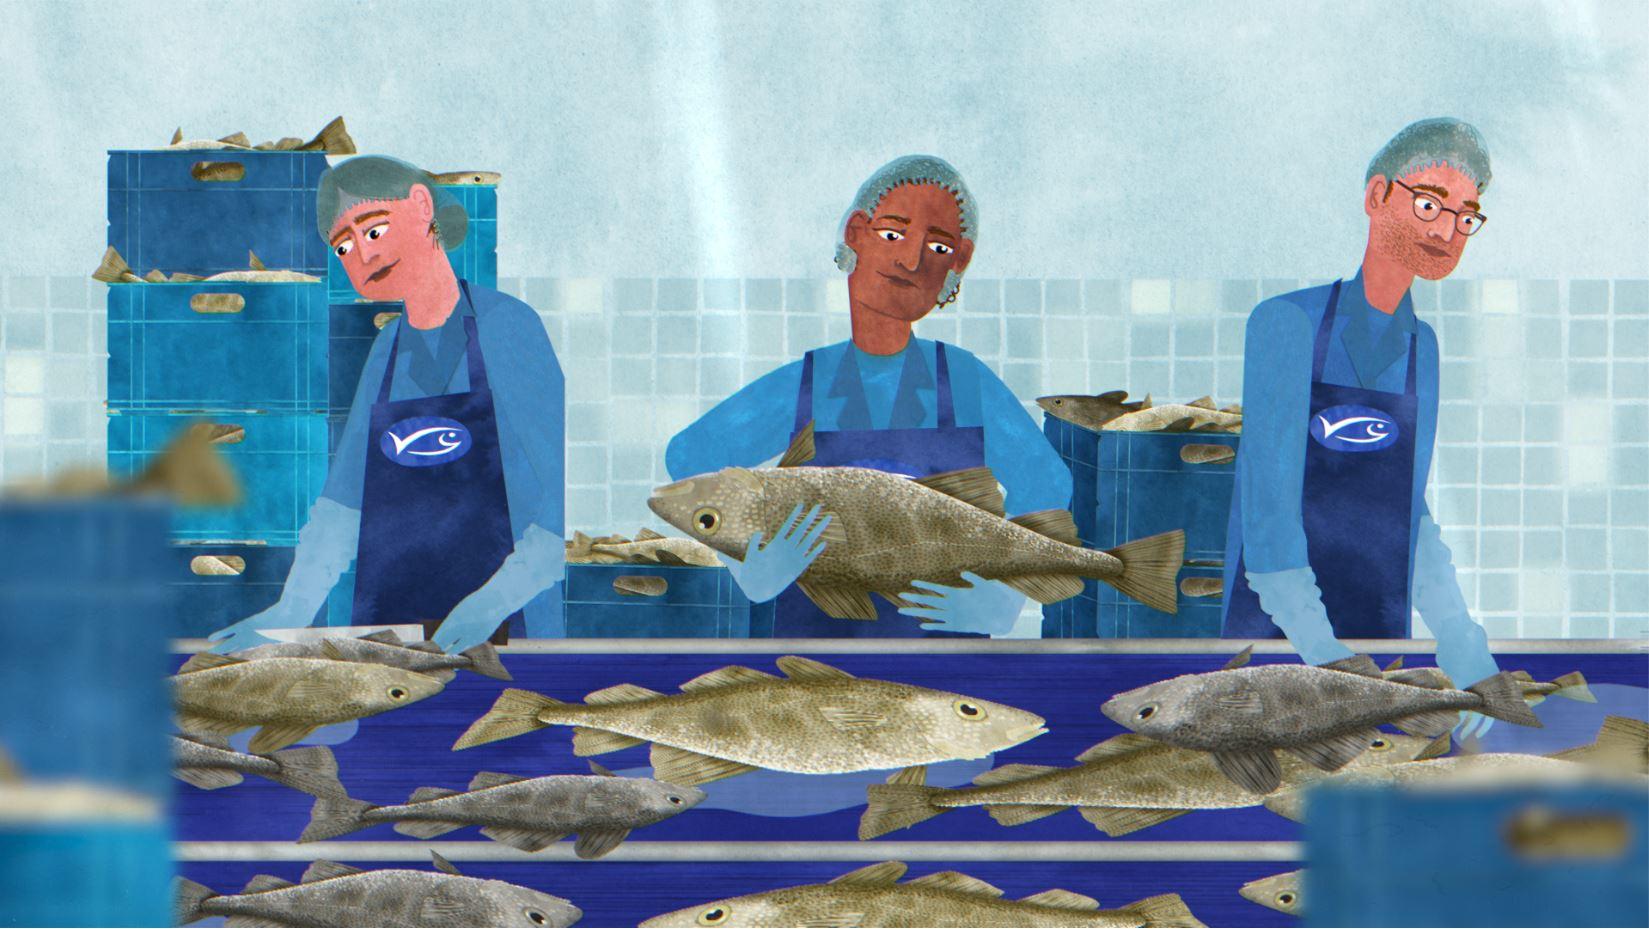 animatie visverwerker